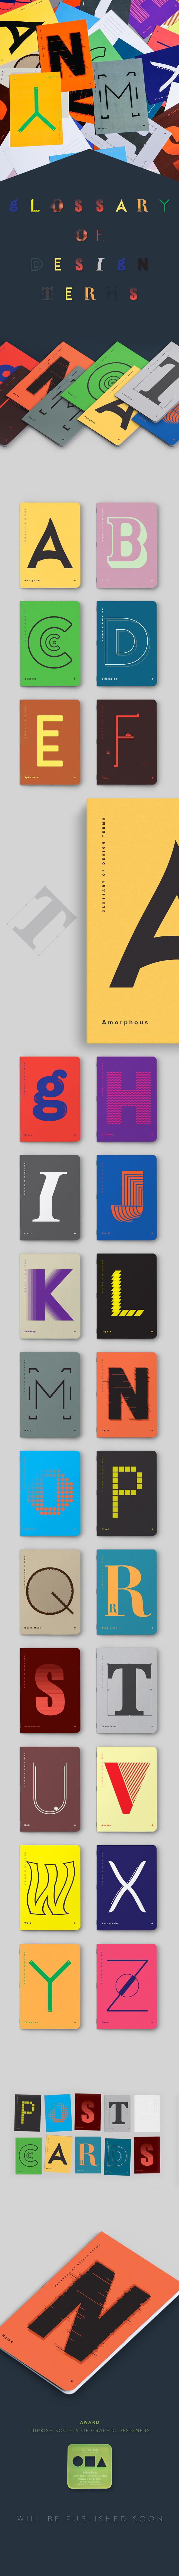 Türk tasarımcıdan tasarımın ABC'si